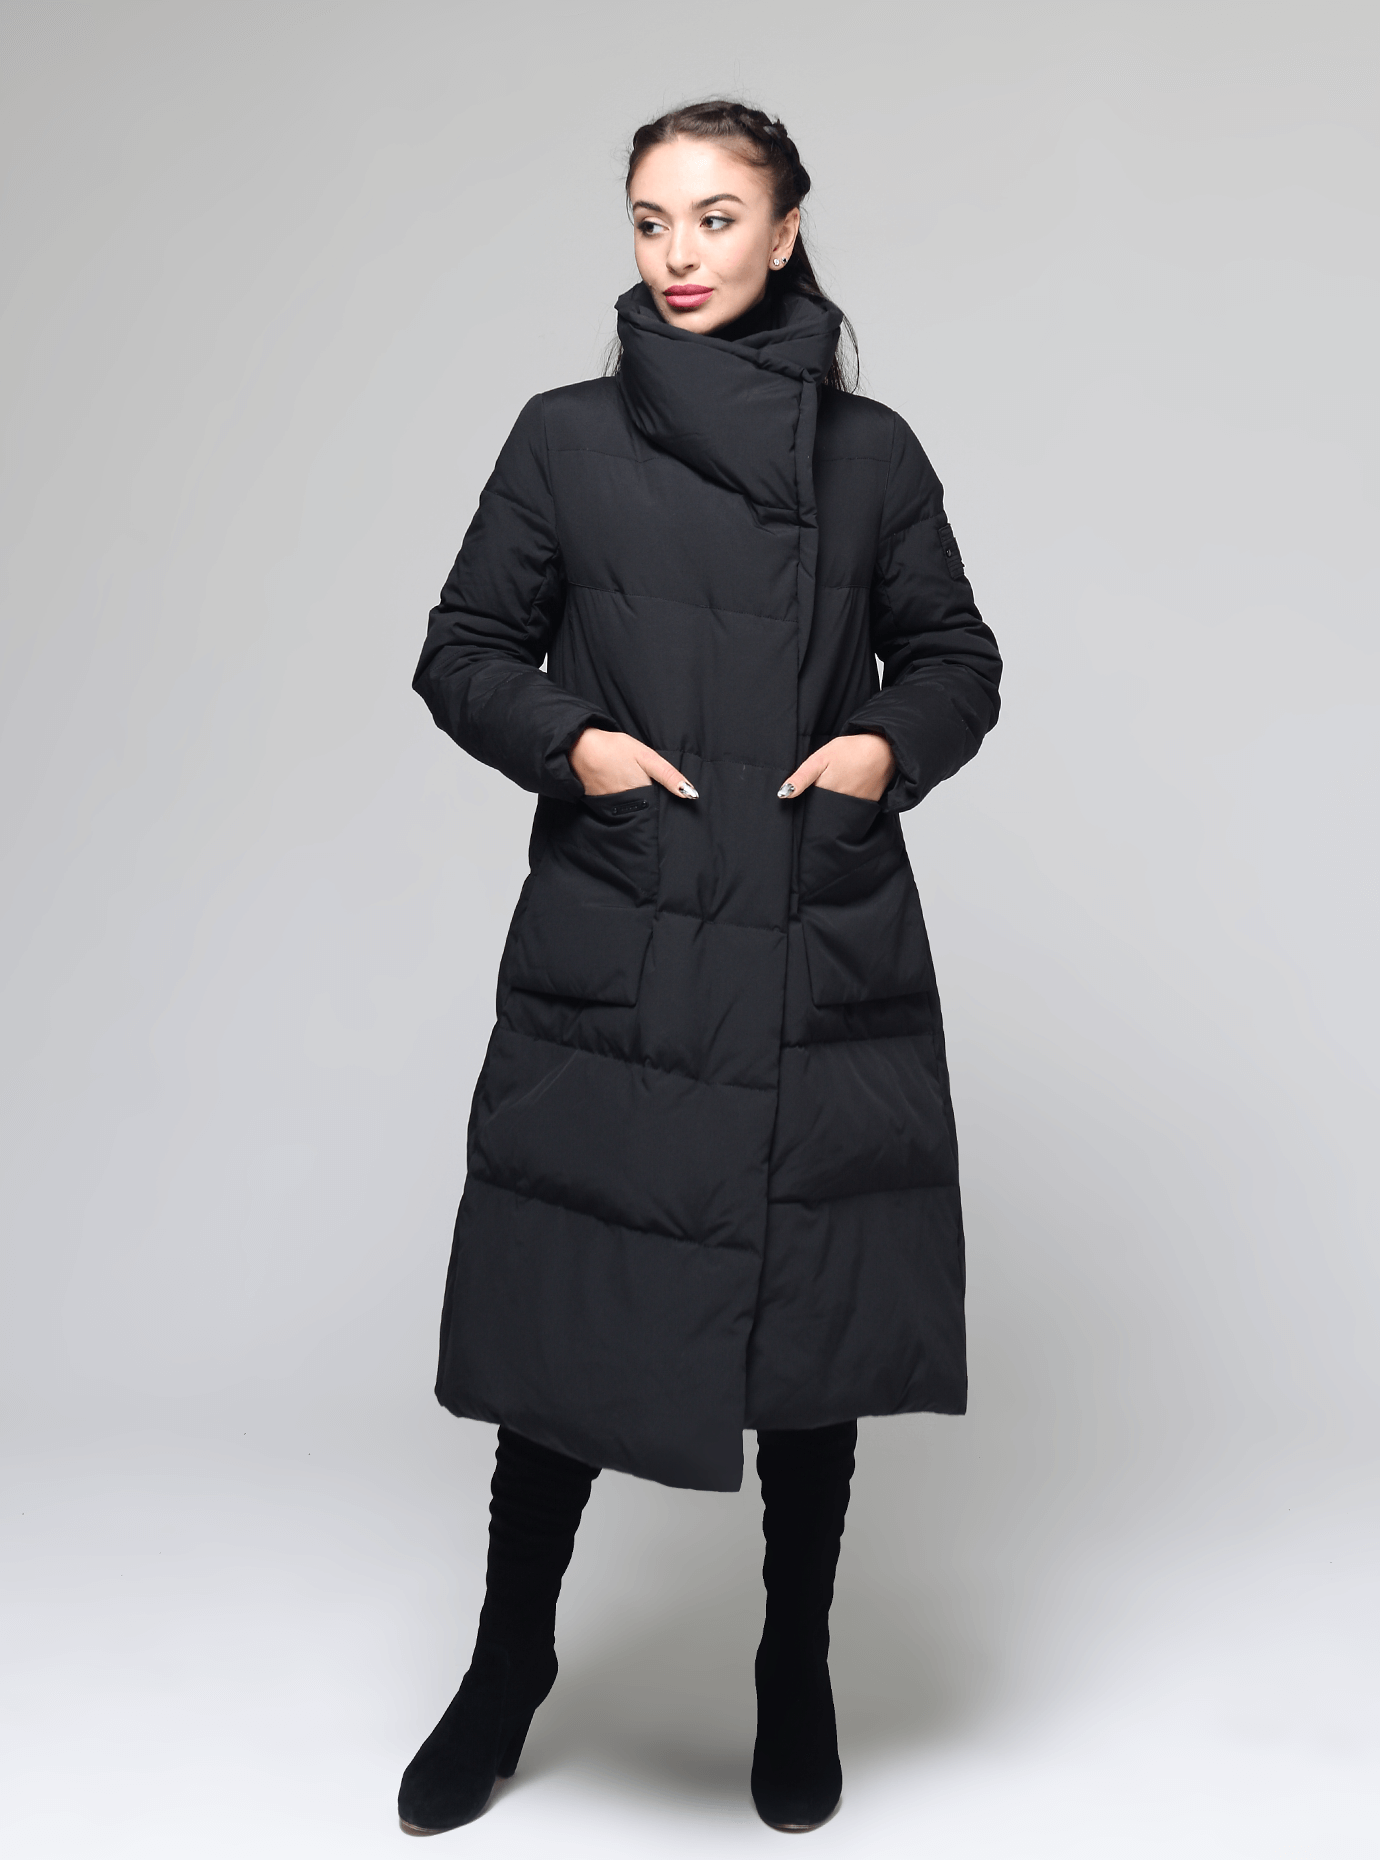 Пуховик женский зимний горизонтальная стёжка Чёрный S (02-MS19031): фото - Alster.ua